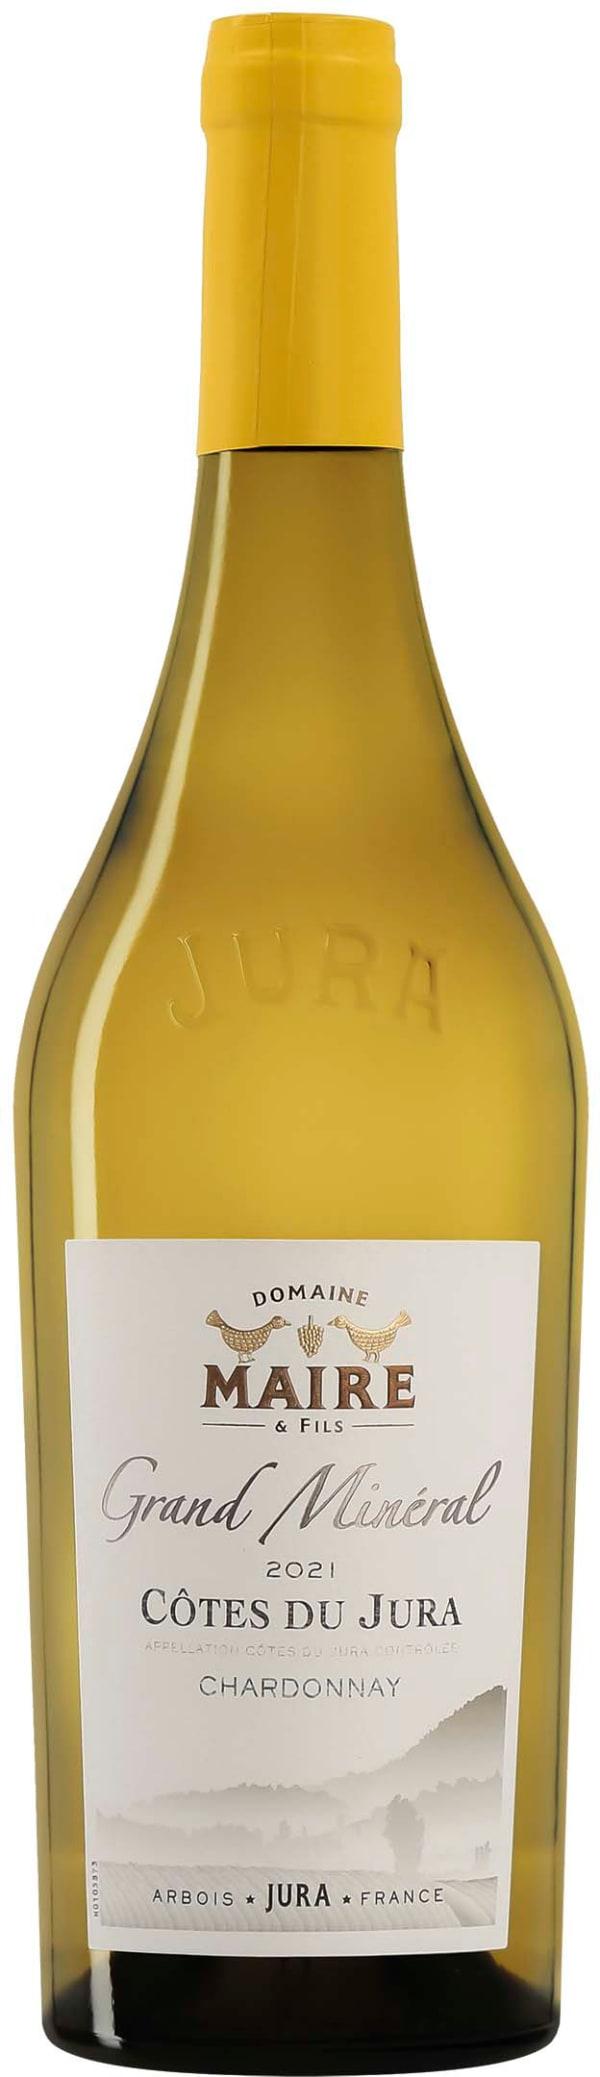 Domaine Maire & Fils Grand Minéral Chardonnay 2018